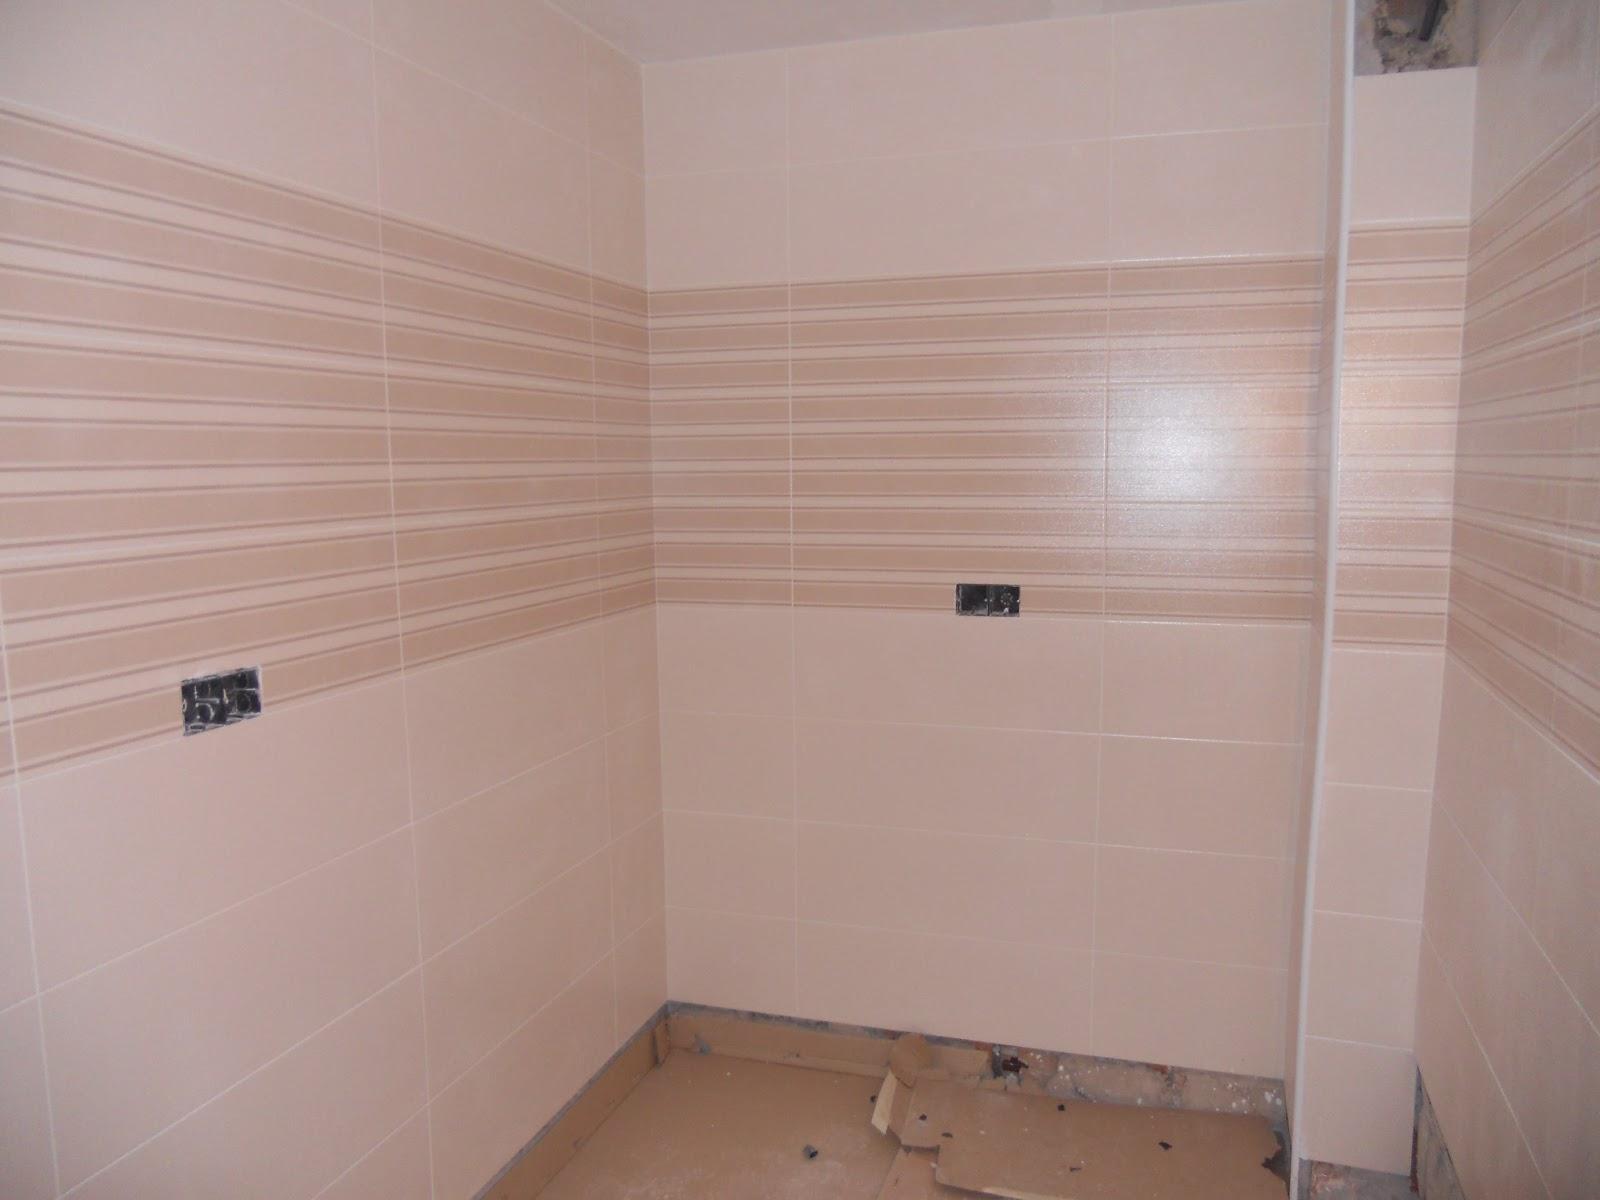 Baños Azulejos Beige:Proyecto Tacuapí: Azulejos de los baños